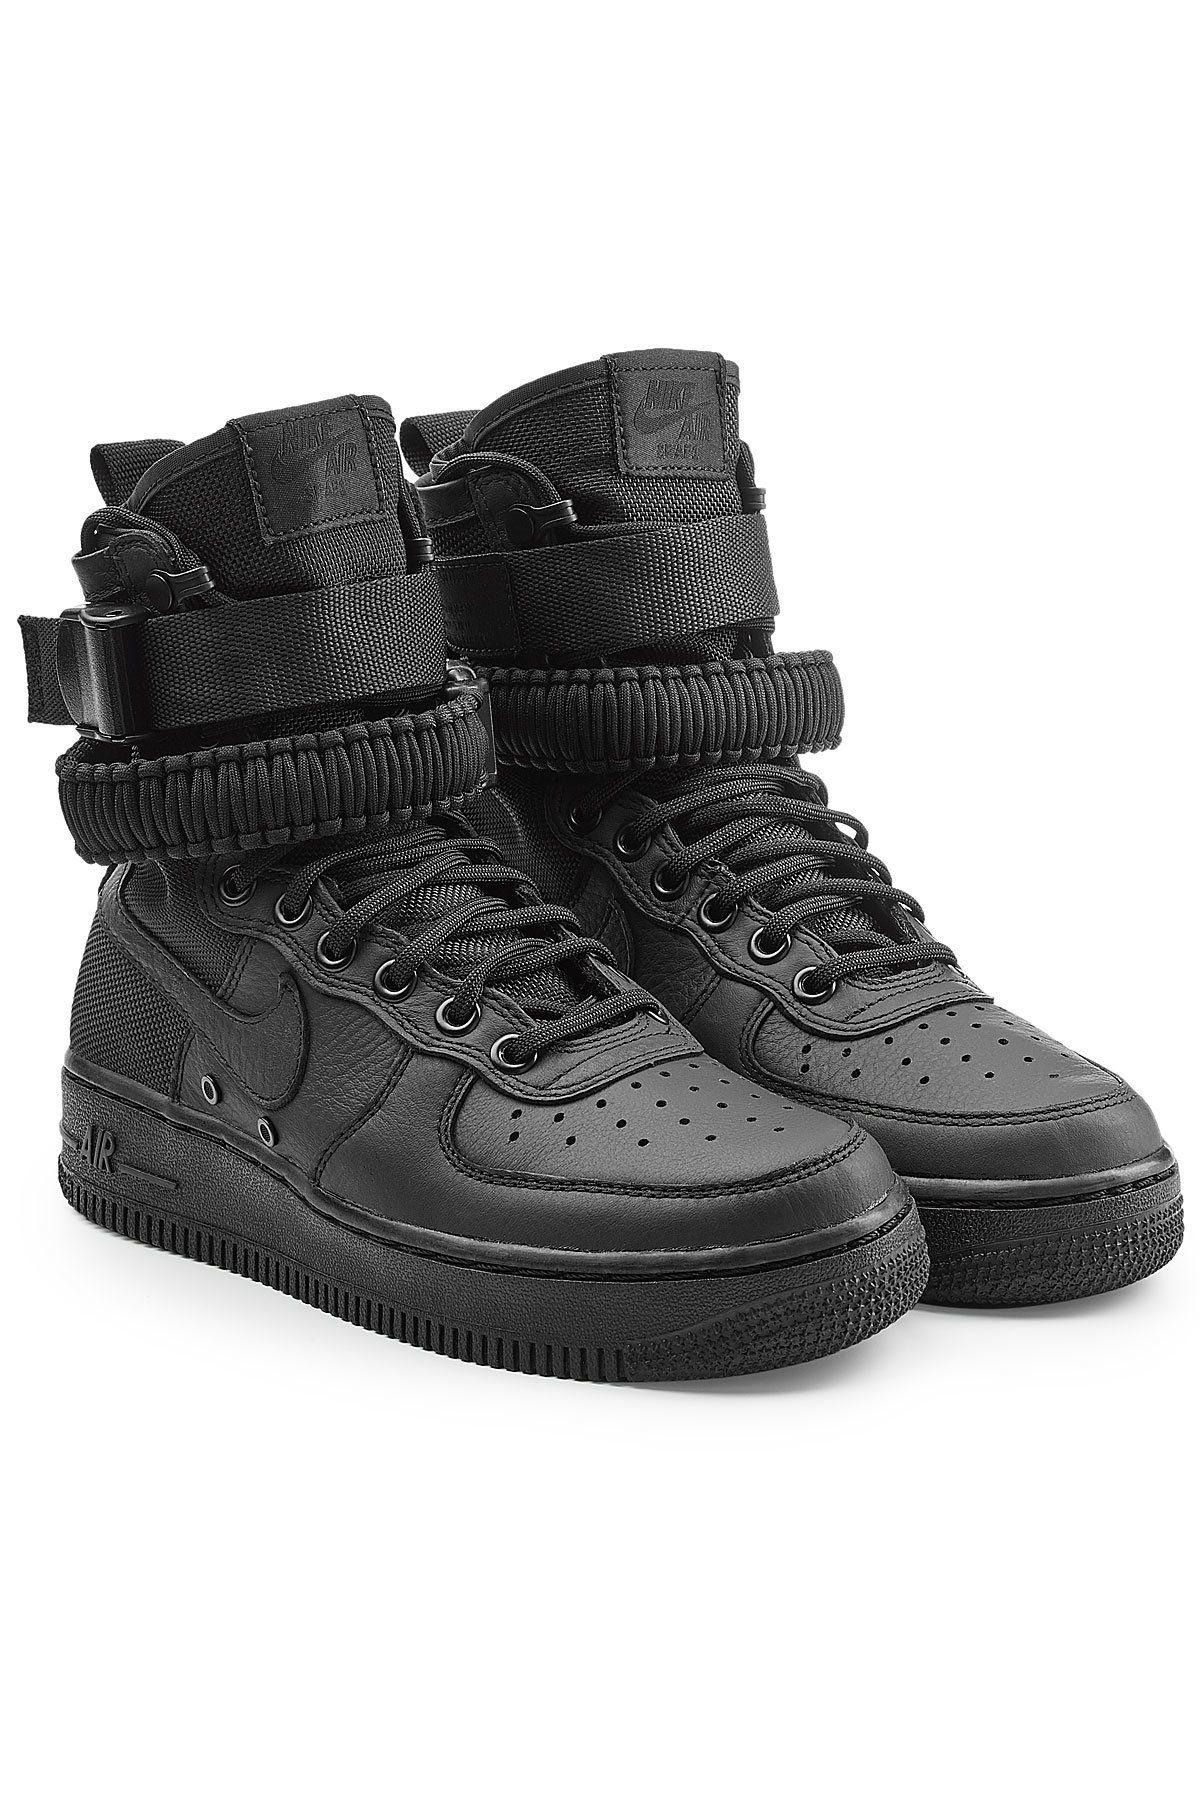 Nike Air Force 1 High SF Triple Black